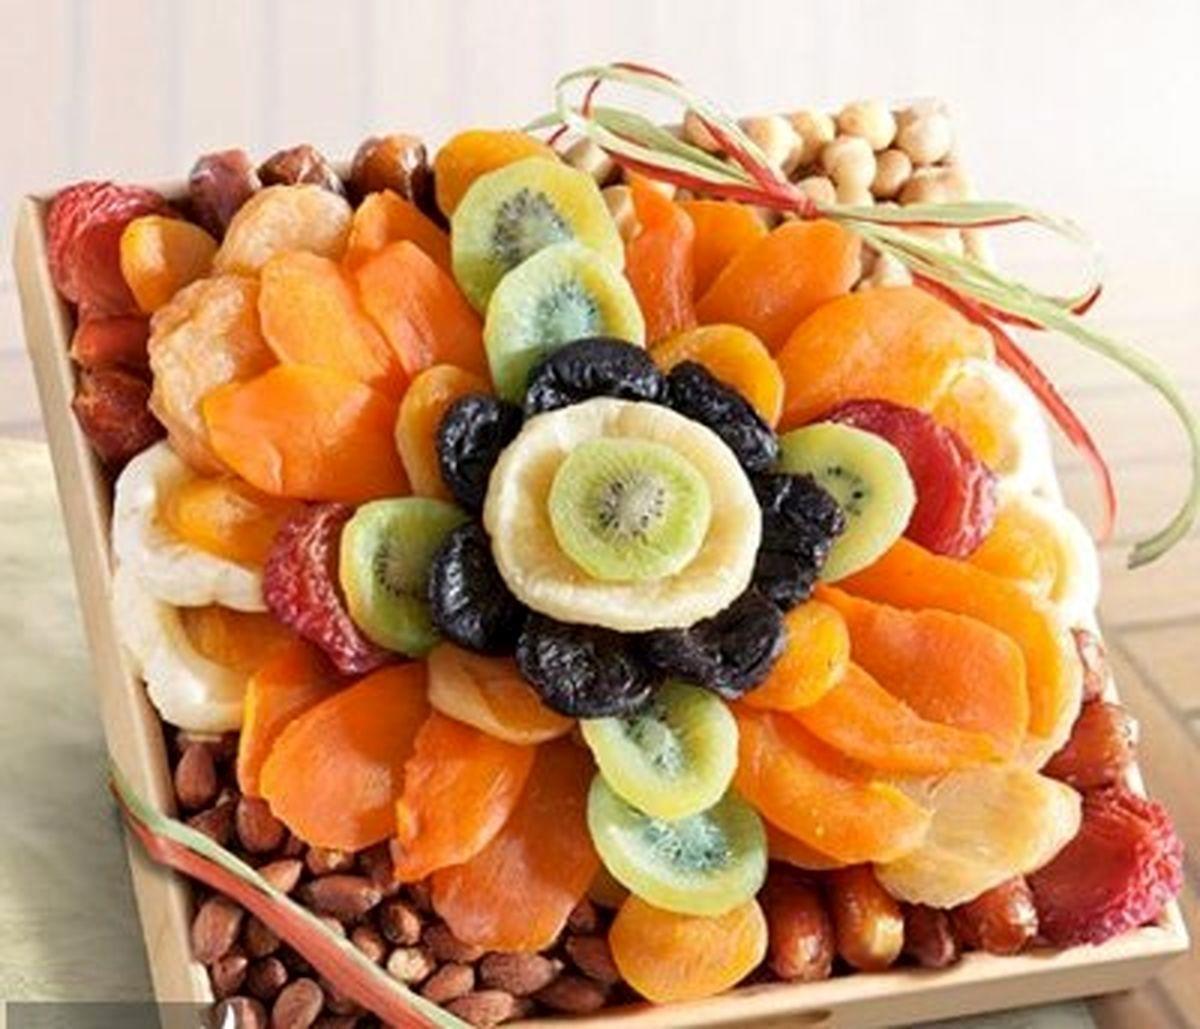 این میوه ها از چاق شدن تان جلوگیری می کند